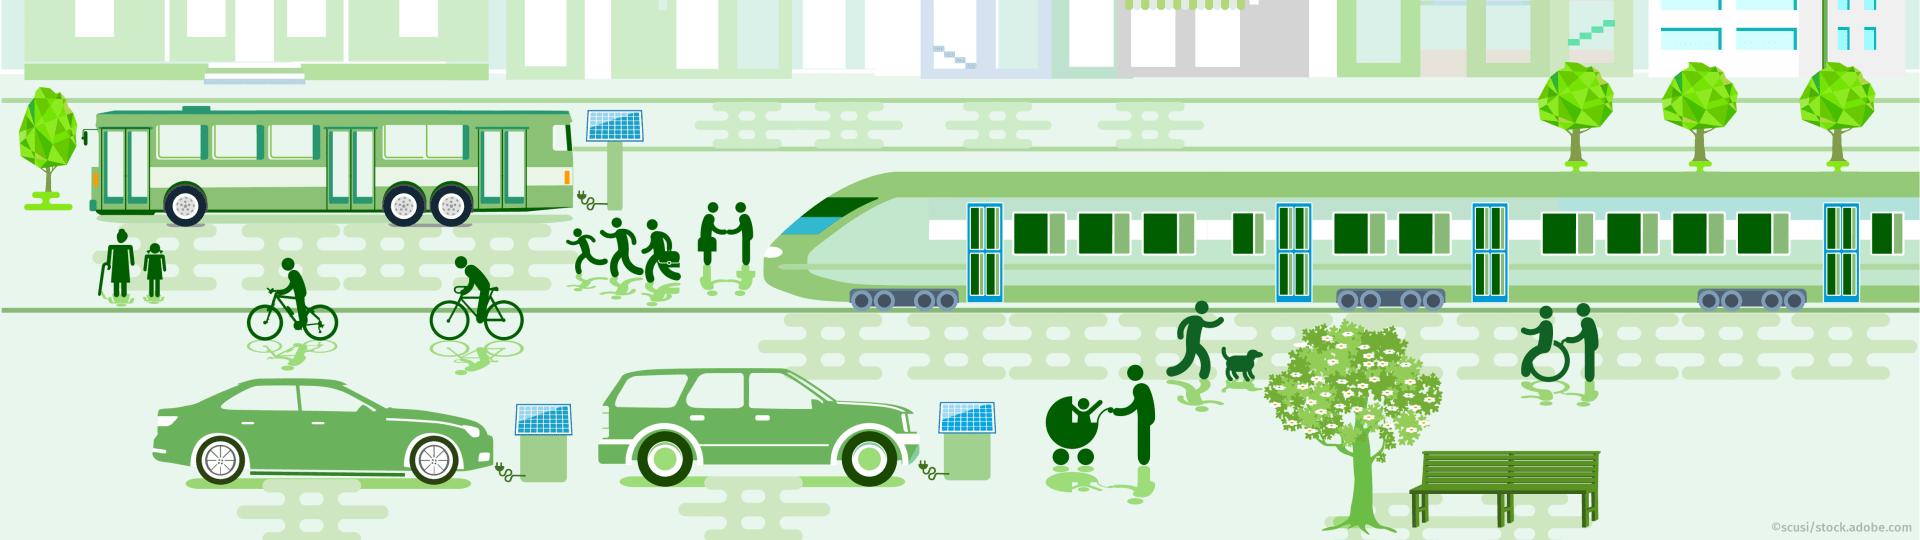 Eine Straße in der Stadt mit Bus, Zug, E-Autos, Fahrradfahrern und Fußgängern